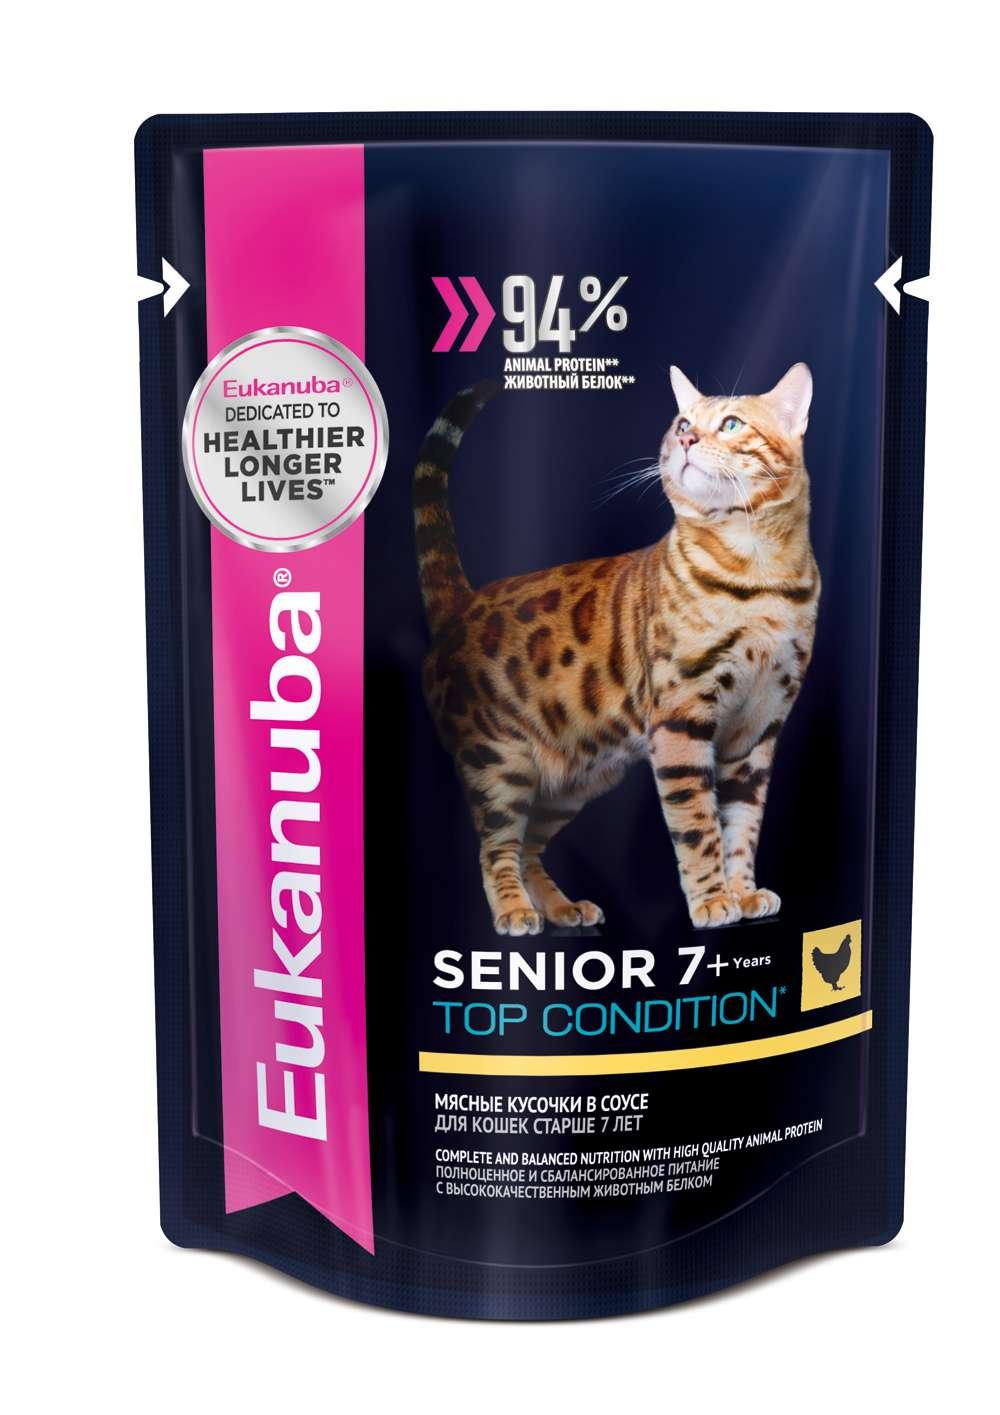 Корм консервированный Eukanuba EUK Cat. Паучи, для кошек старше 7 лет, с курицей, в соусе, 85 г10150843Полноценное и сбалансированное питание для взрослых кошек старше 7 лет с высококачественным животным белком для поддержания здоровья кошки по шести ключевым признакам.1. ПОДЕРЖАНИЕ ИММУНИТЕТАСпособствует поддержанию иммунной системы за счет антиоксидантов.2. ОПТИМАЛЬНОЕ ПИЩЕВАРЕНИЕСпособствует поддержанию здоровой кишечной микрофлоры за счет пребиотиков и клетчатки.3. КОНТРОЛИРУЕМЫЙ pH МОЧИПомогает контролировать pH мочи в пределах рекомендуемой нормы.4. КРЕПКИЕ МЫШЦЫБелки животного происхождения способствуют росту и сохранению мышечной массы.5. КОЖА И ШЕРСТЬПоддерживает здоровье кожи и шерсти при помощи оптимального соотношения жирных кислот, эффективность которых доказана клинически.6. ЗДОРОВЬЕ СЕРДЦАСодержит натуральный источник таурина для поддержания здоровья сердца.